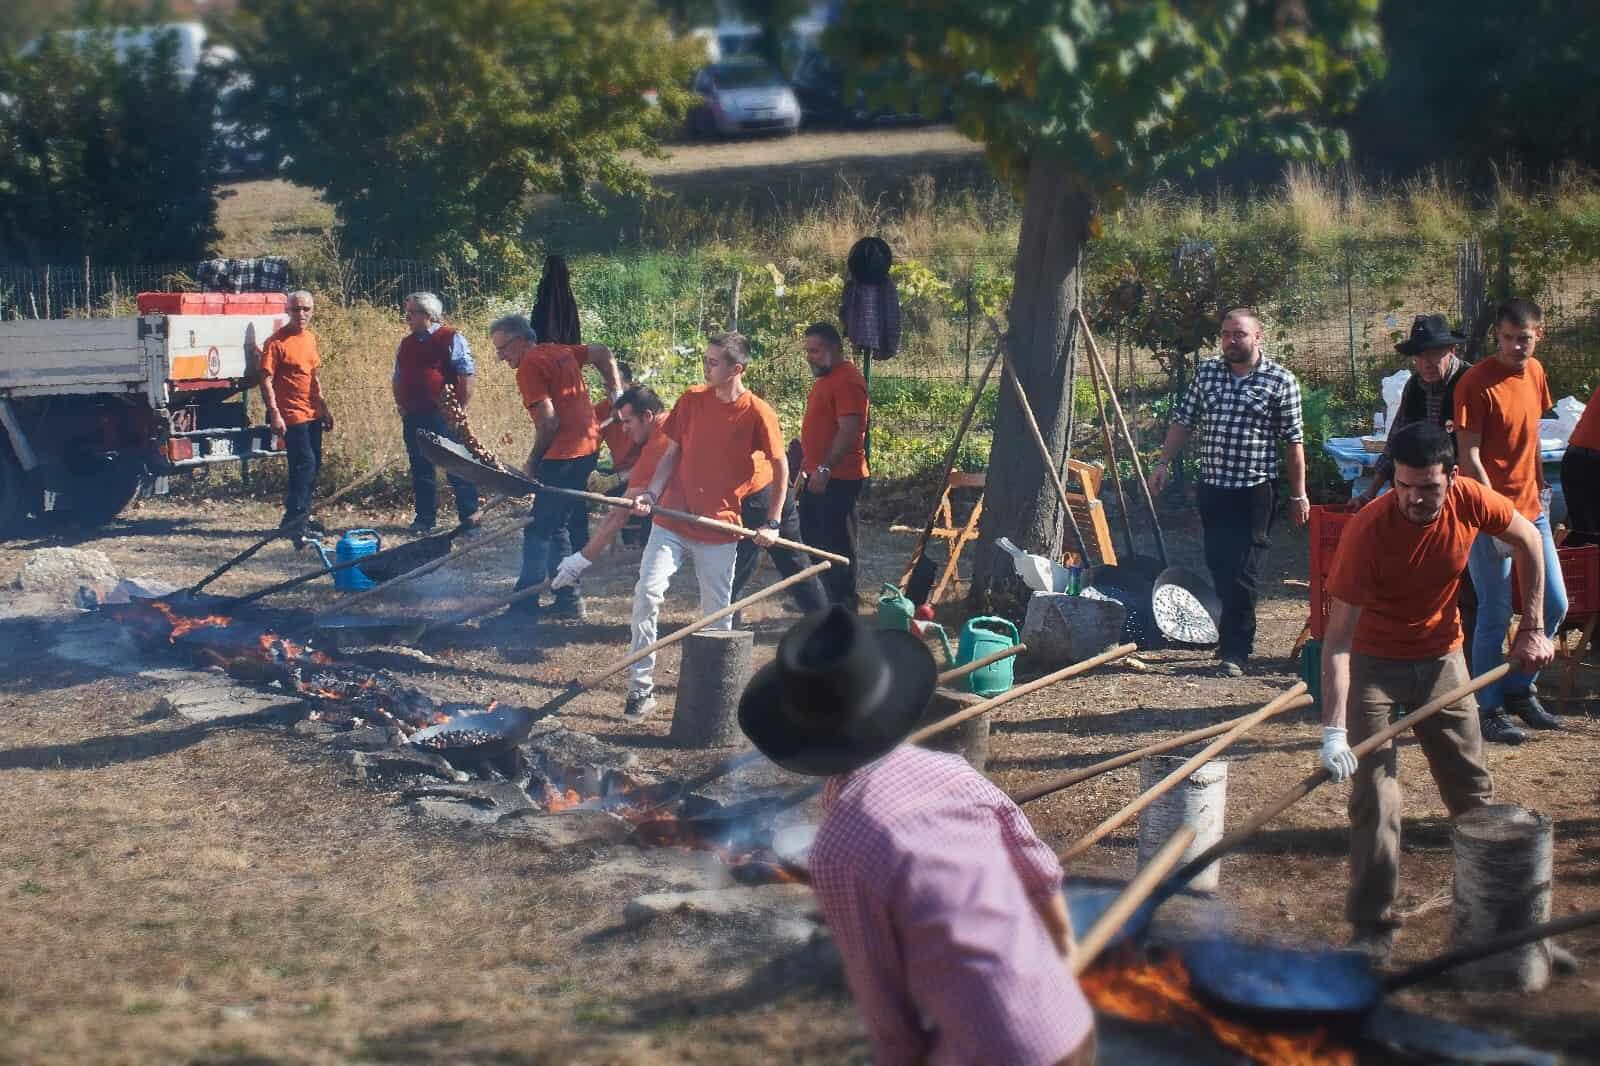 I Brusatairi della Sagra del Marrone all'opera mentre preparano le castagne sul fuoco. Non vengono usati mezzi meccanici, ma solo il duro lavoro delle braccia.